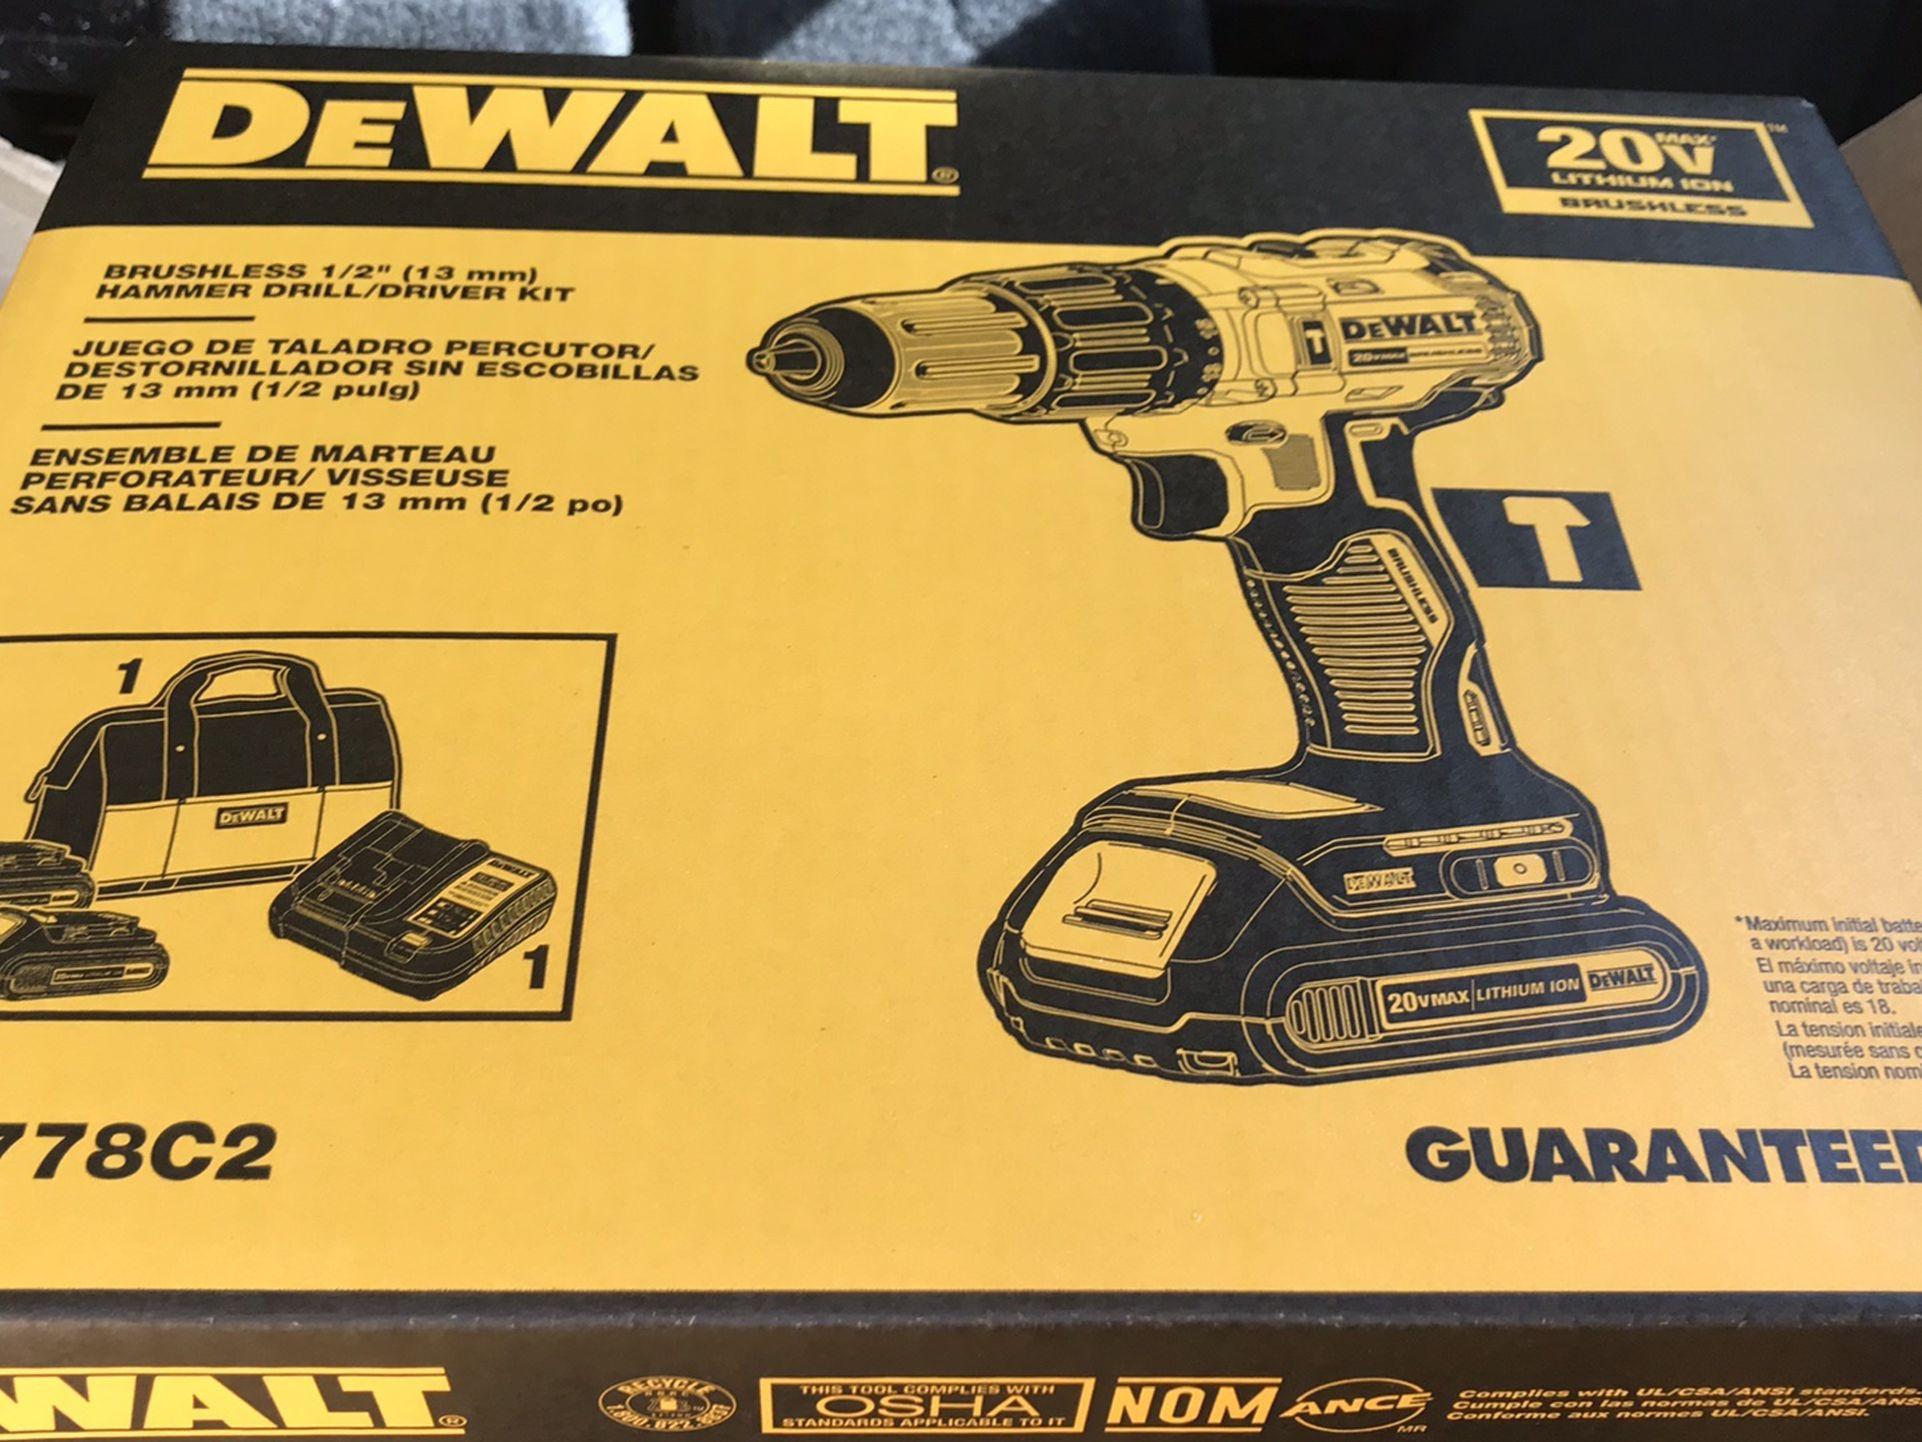 DeWalt Brushless Hammer Drill